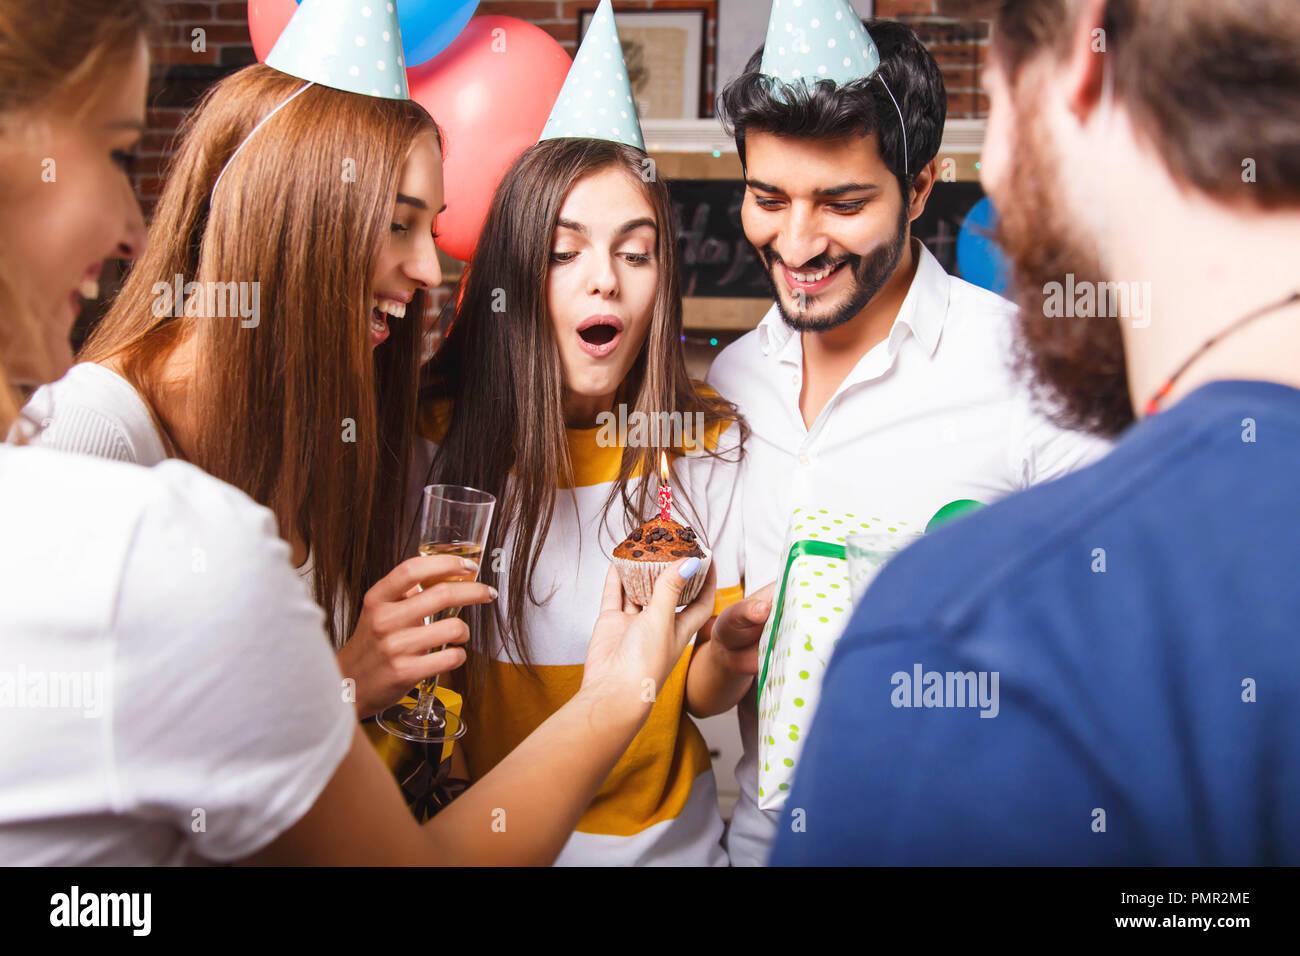 Aufgeregt brunette Geburtstag Mädchen bereit, Kerze zum Geburtstag Kuchen am Geburtstag Party in der Küche zu blasen Stockbild